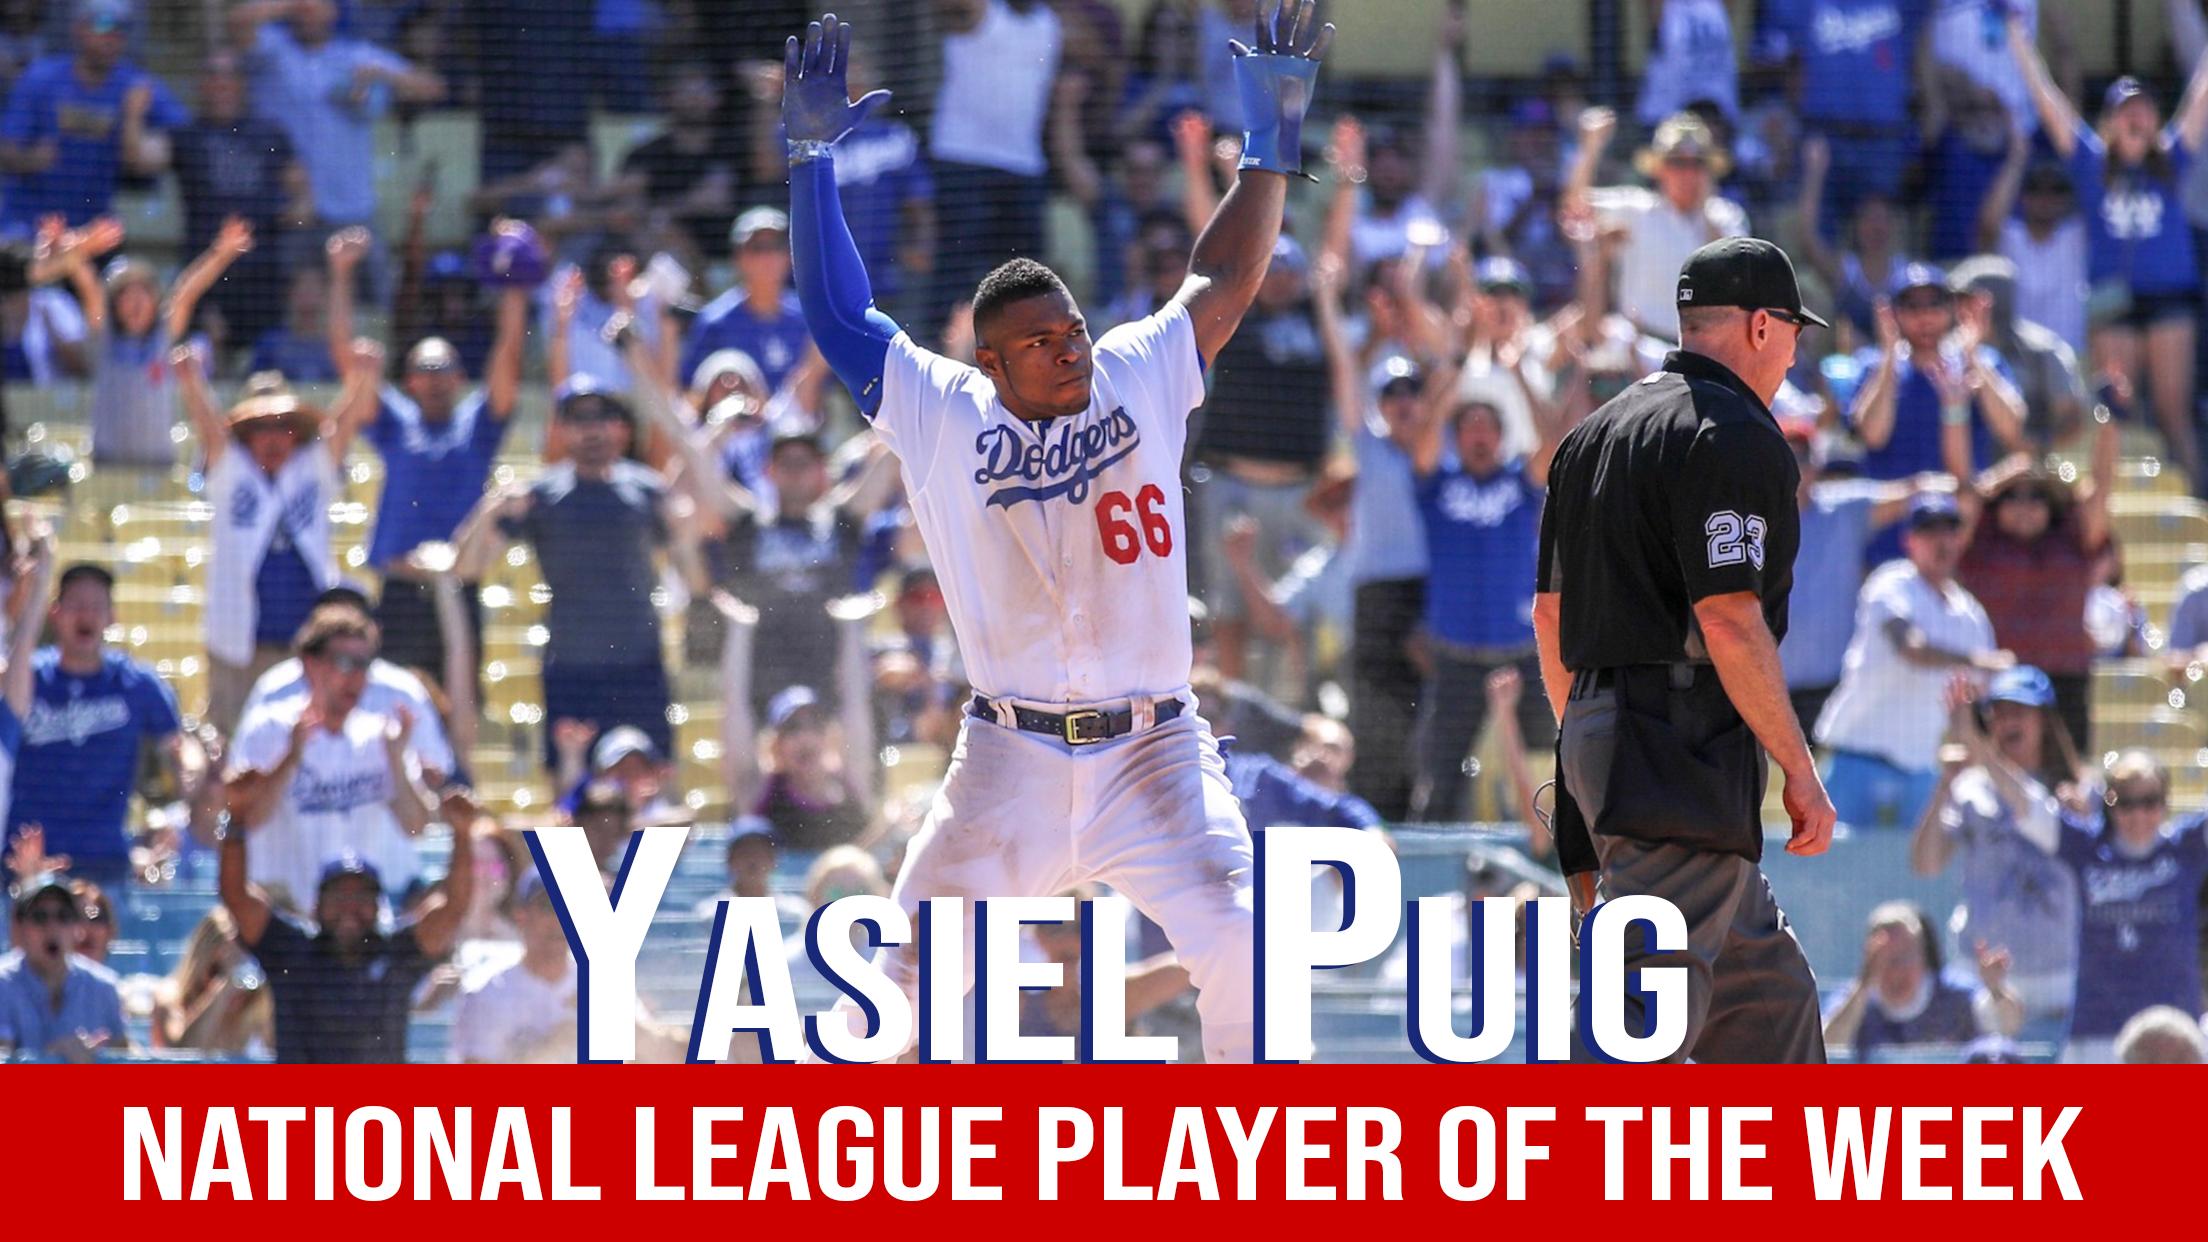 Yasiel Puig Player of the Week